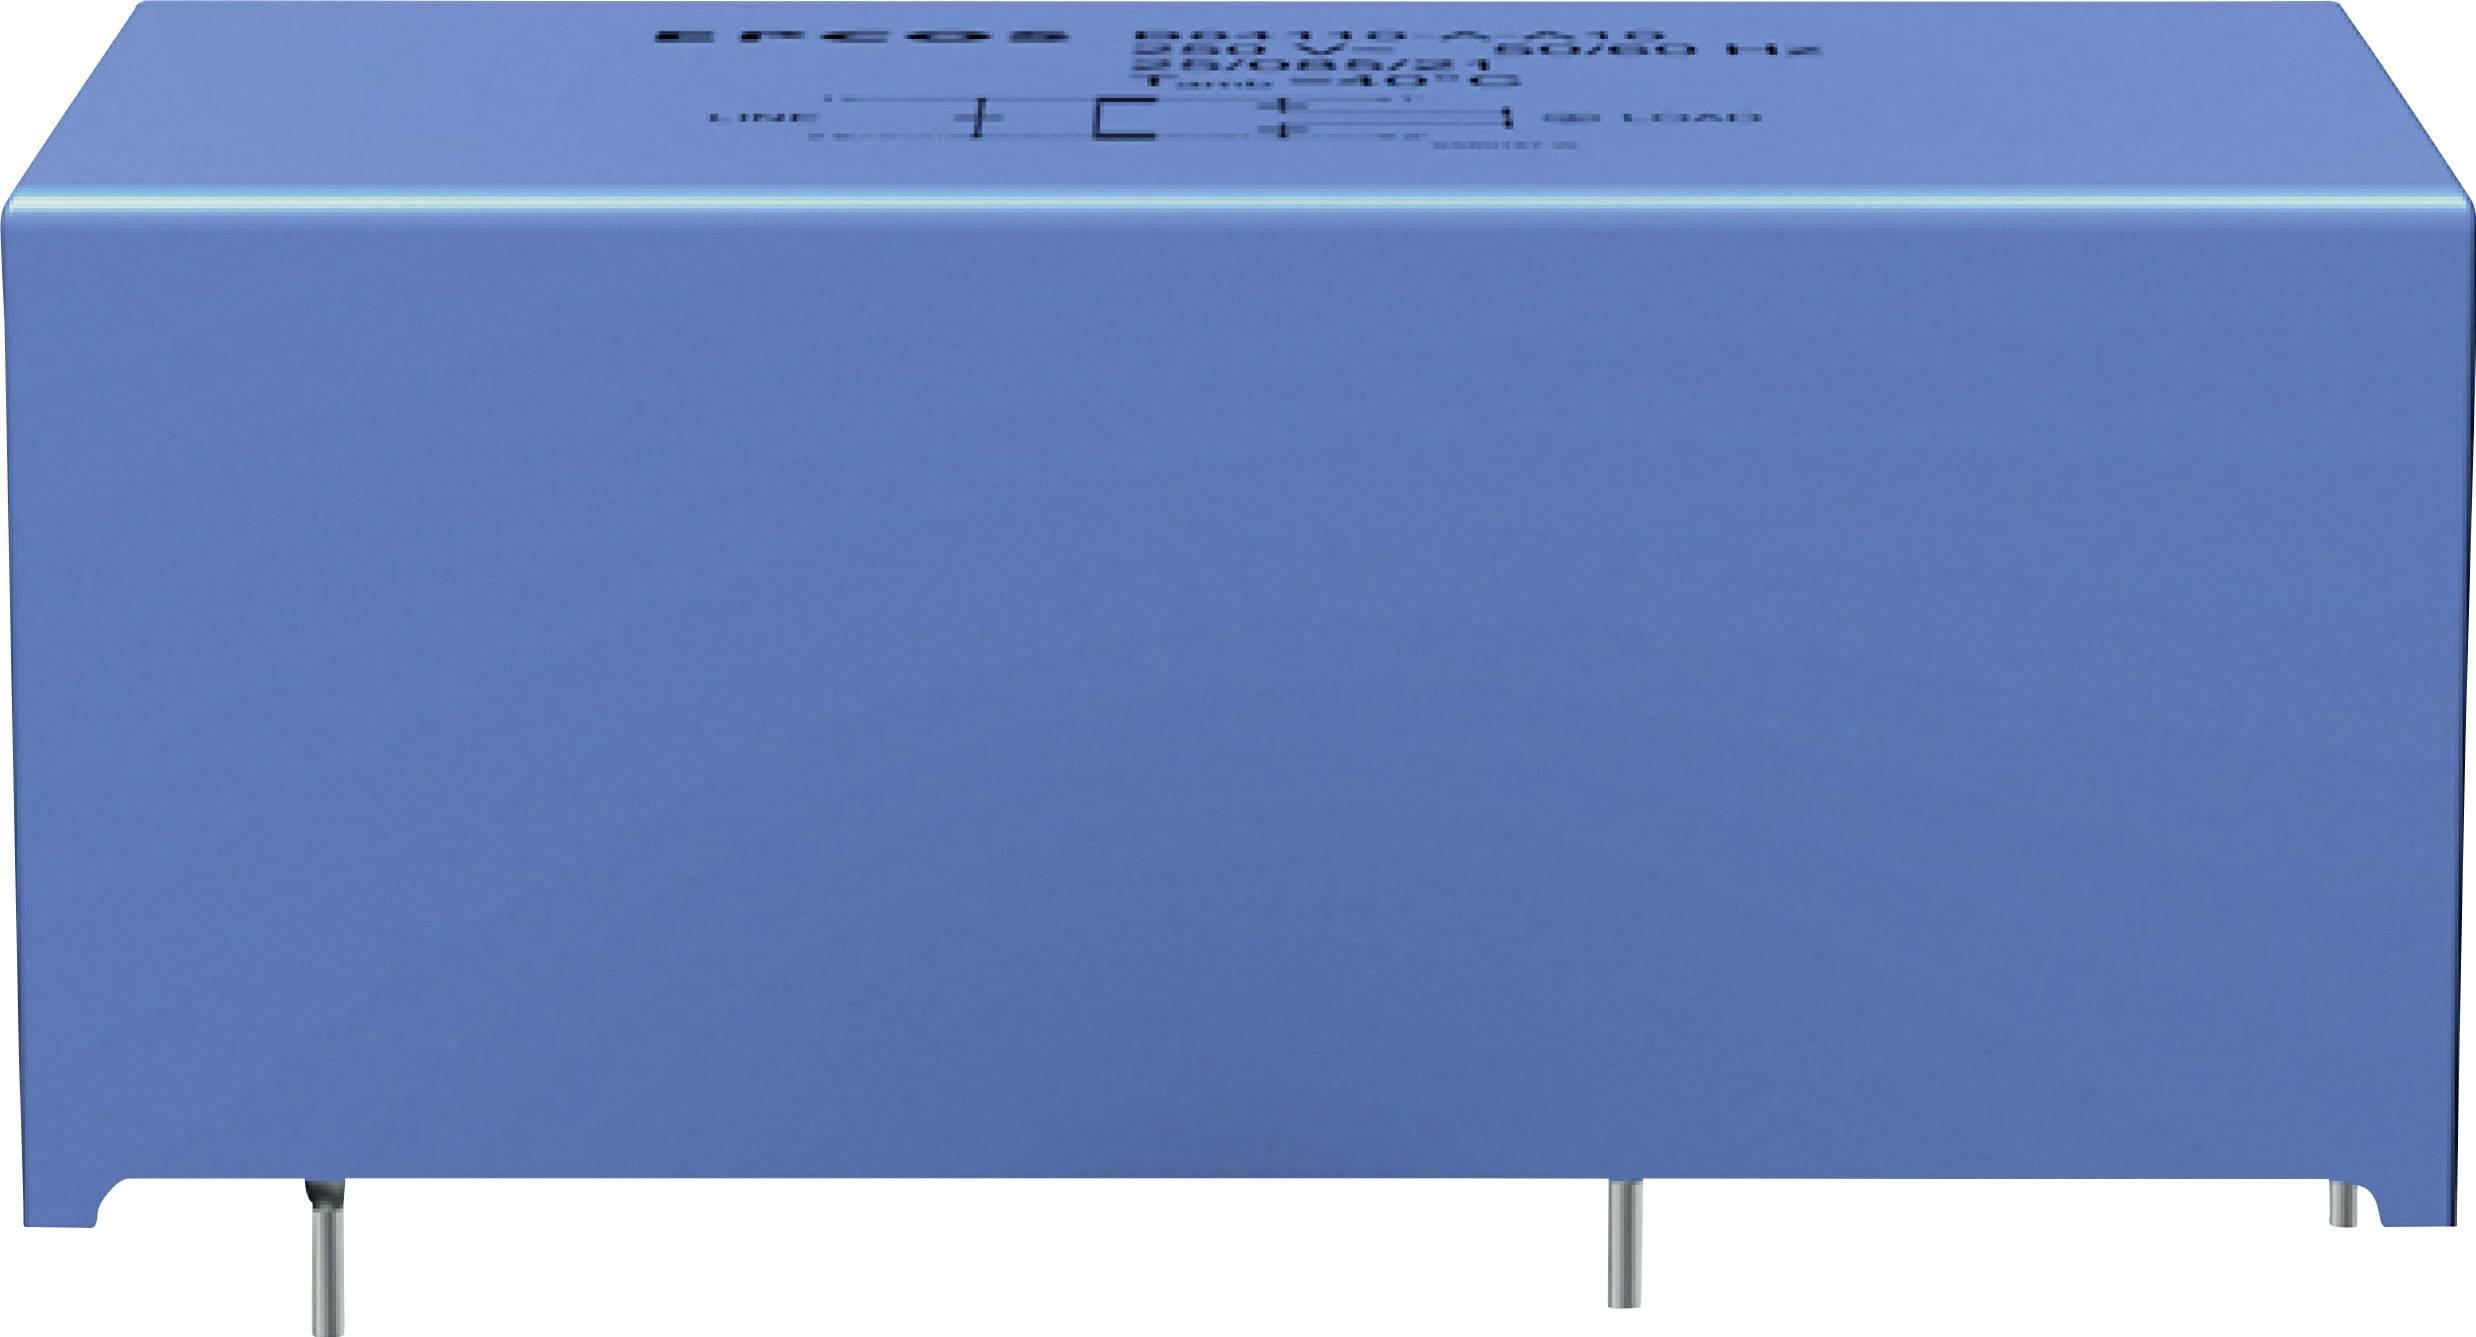 Síťový filtr Epcos, B84110A0000A010, 2 x 10 mH, 250 V, 2 x 1 A